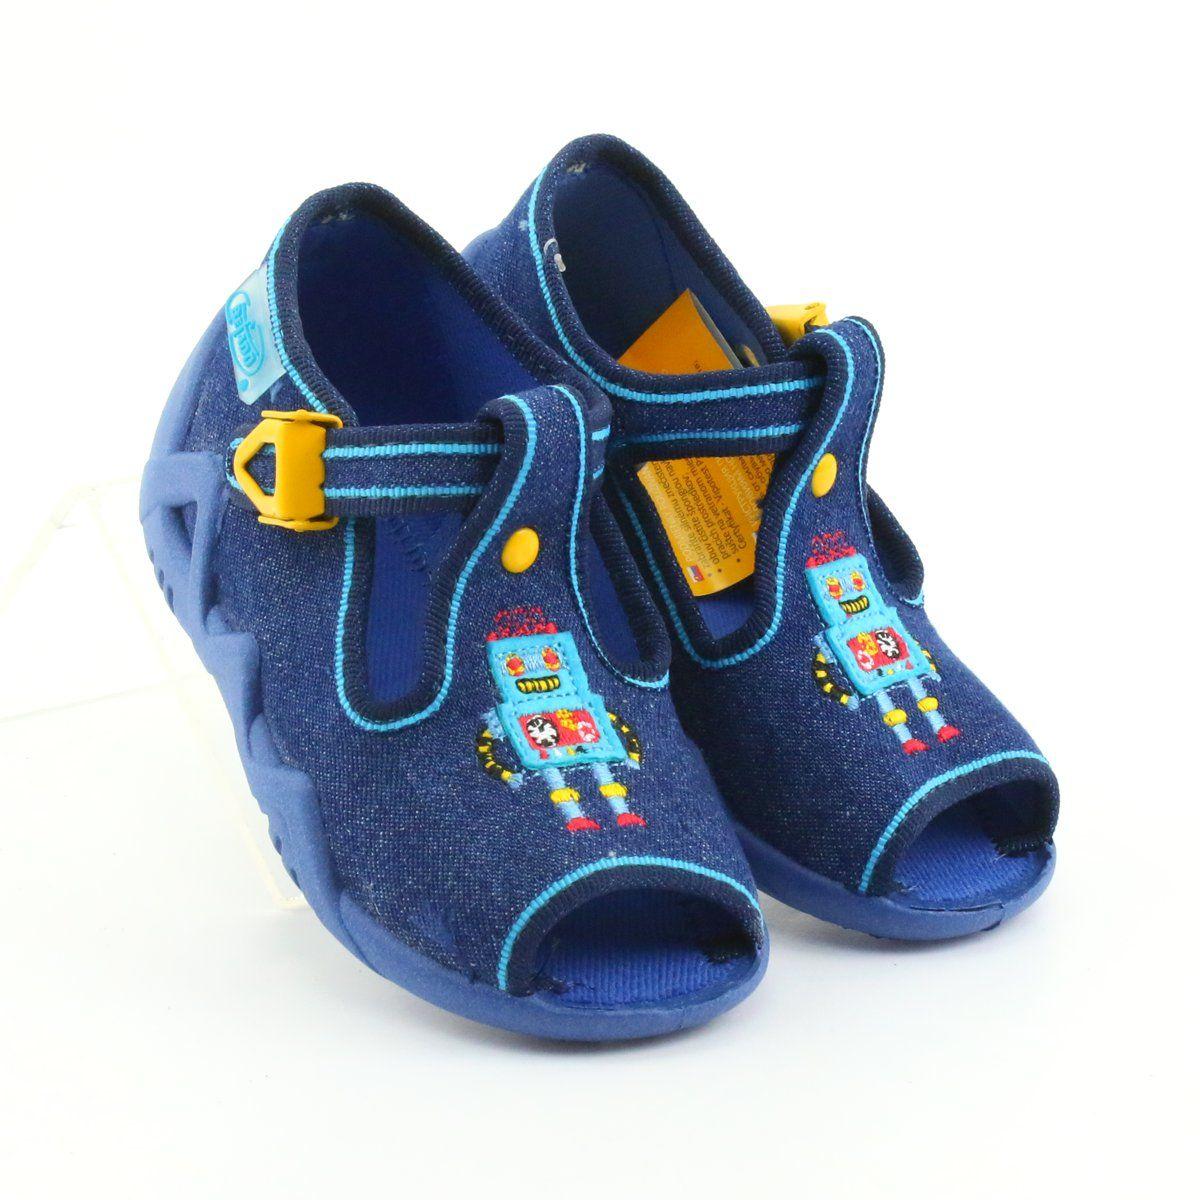 Kapcie Dzieciece Dla Dzieci Befado Niebieskie Befado Obuwie Dzieciece 217p103 Sandalet